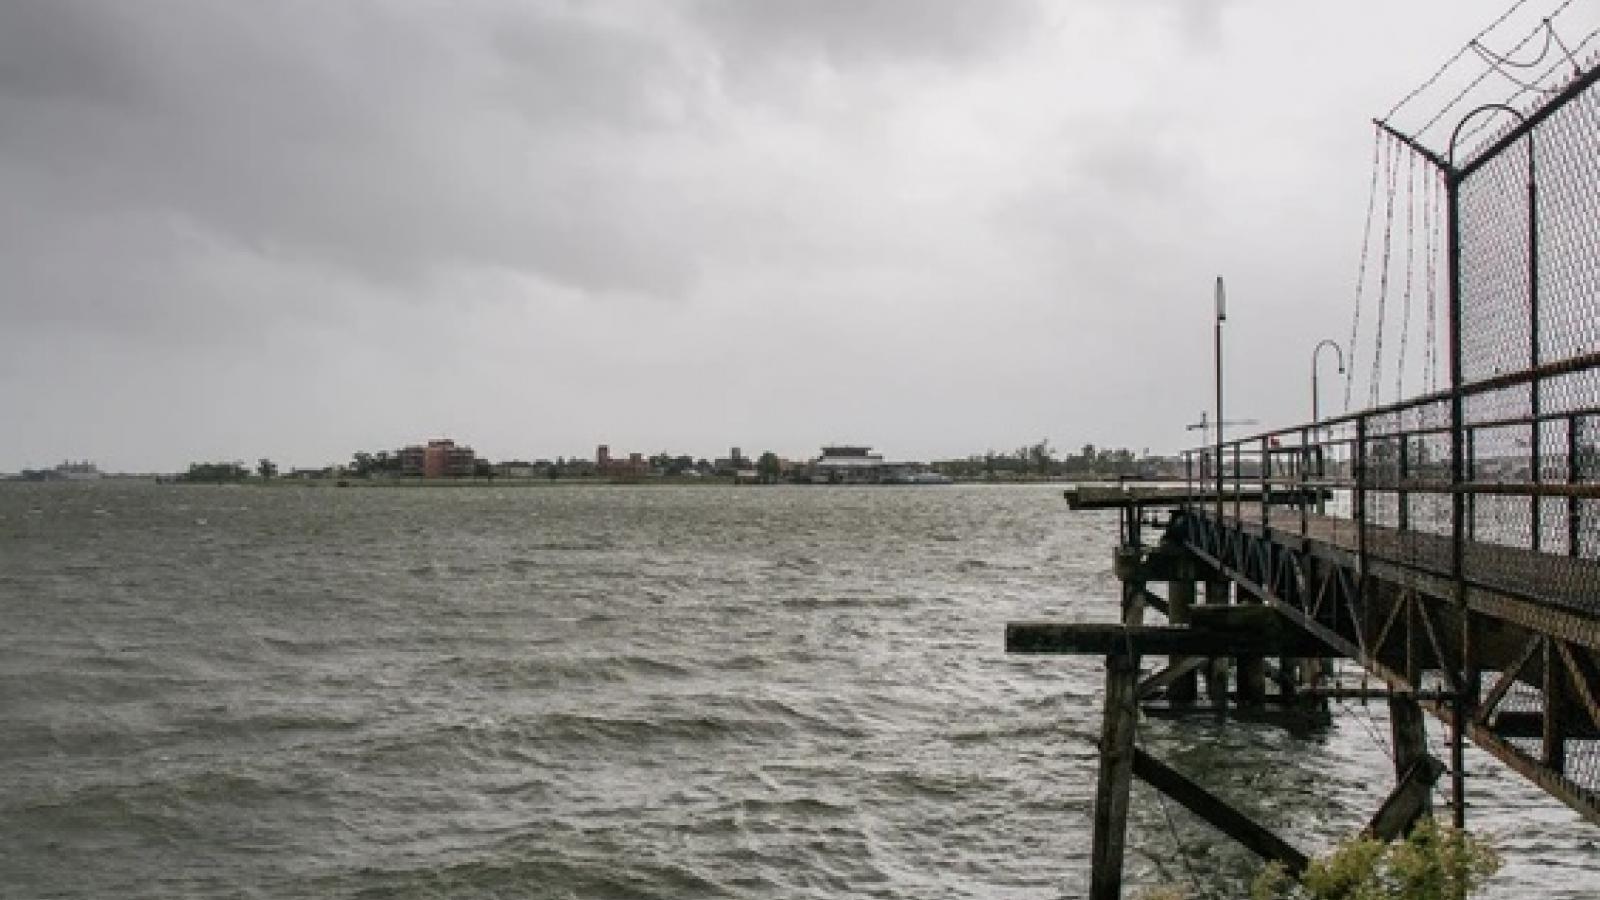 Siêu bão Ida đổ bộ vào Mỹ có sức gió mạnh hơn cả Katrina, sông Mississippi bị chảy ngược